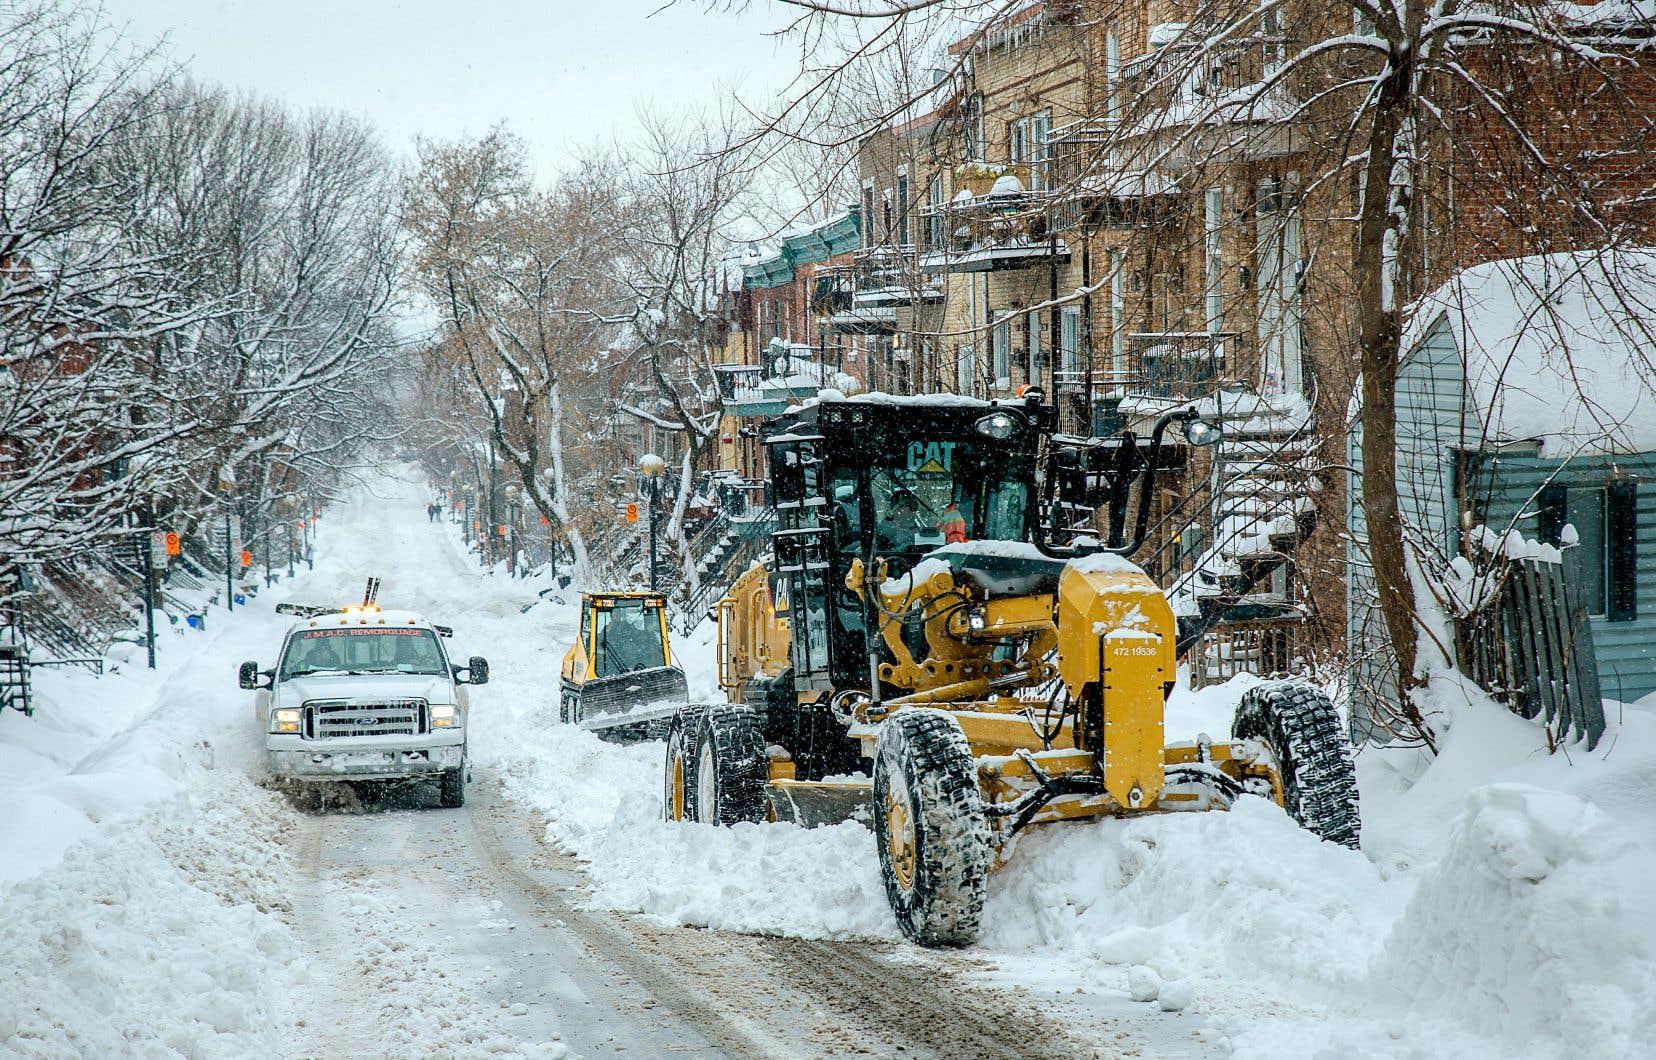 En raison des précipitations de neige lundi matin, des équipes affectées au chargement ont dû être redirigées vers le déblaiement des rues et des trottoirs.